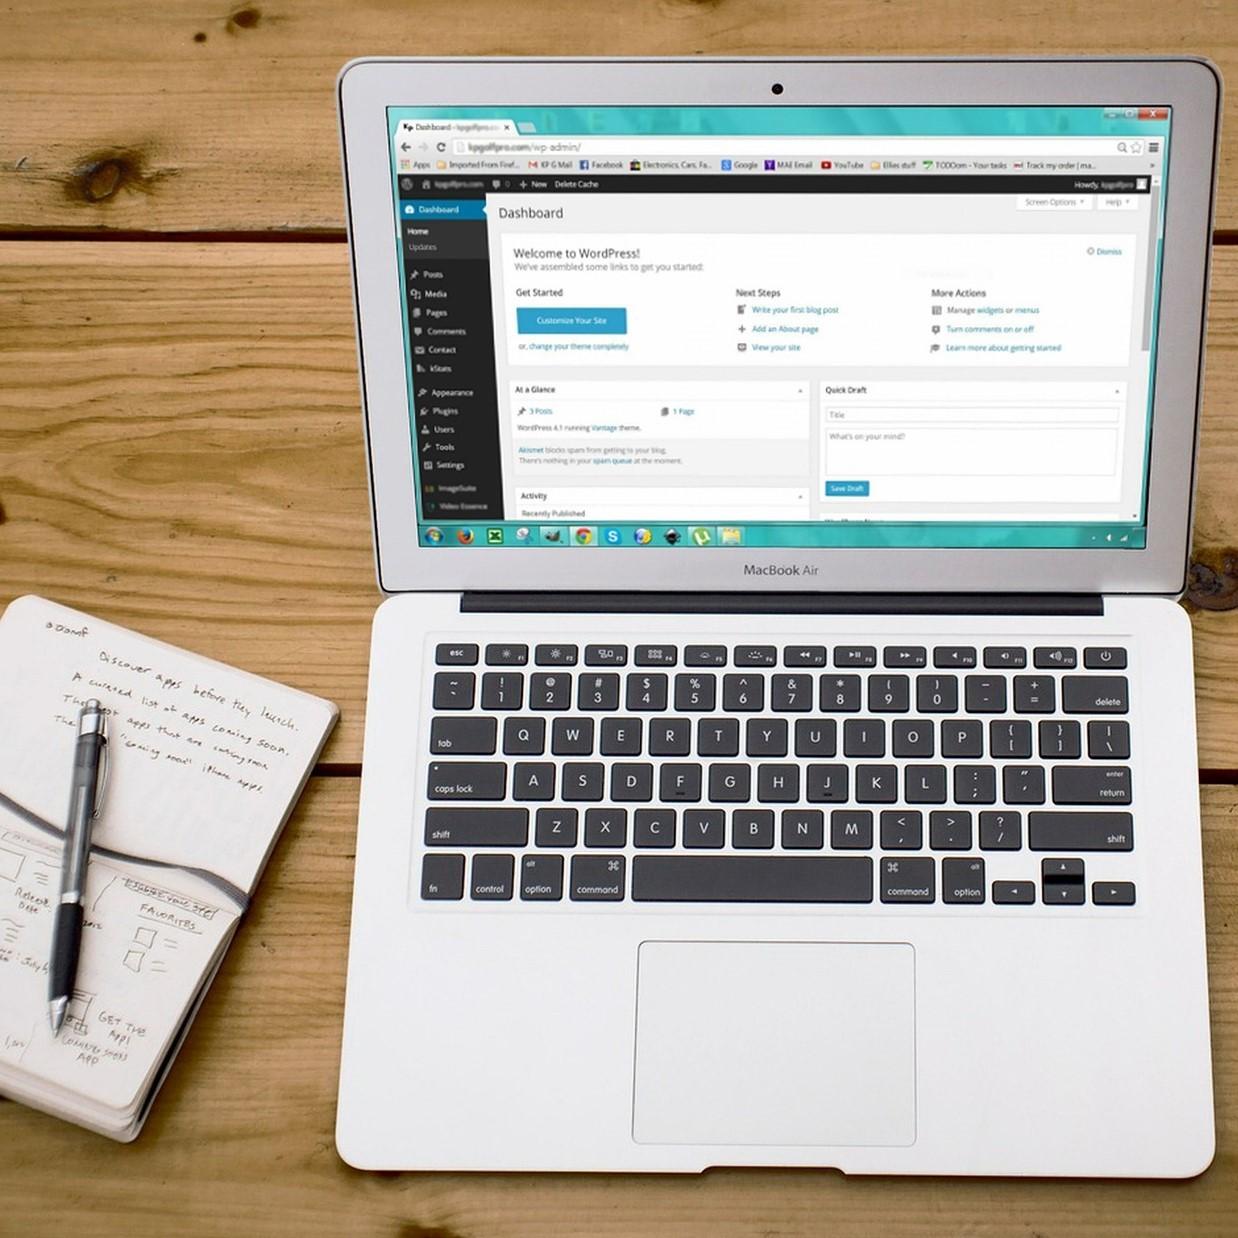 Maak je eigen website; WordPress voor beginners